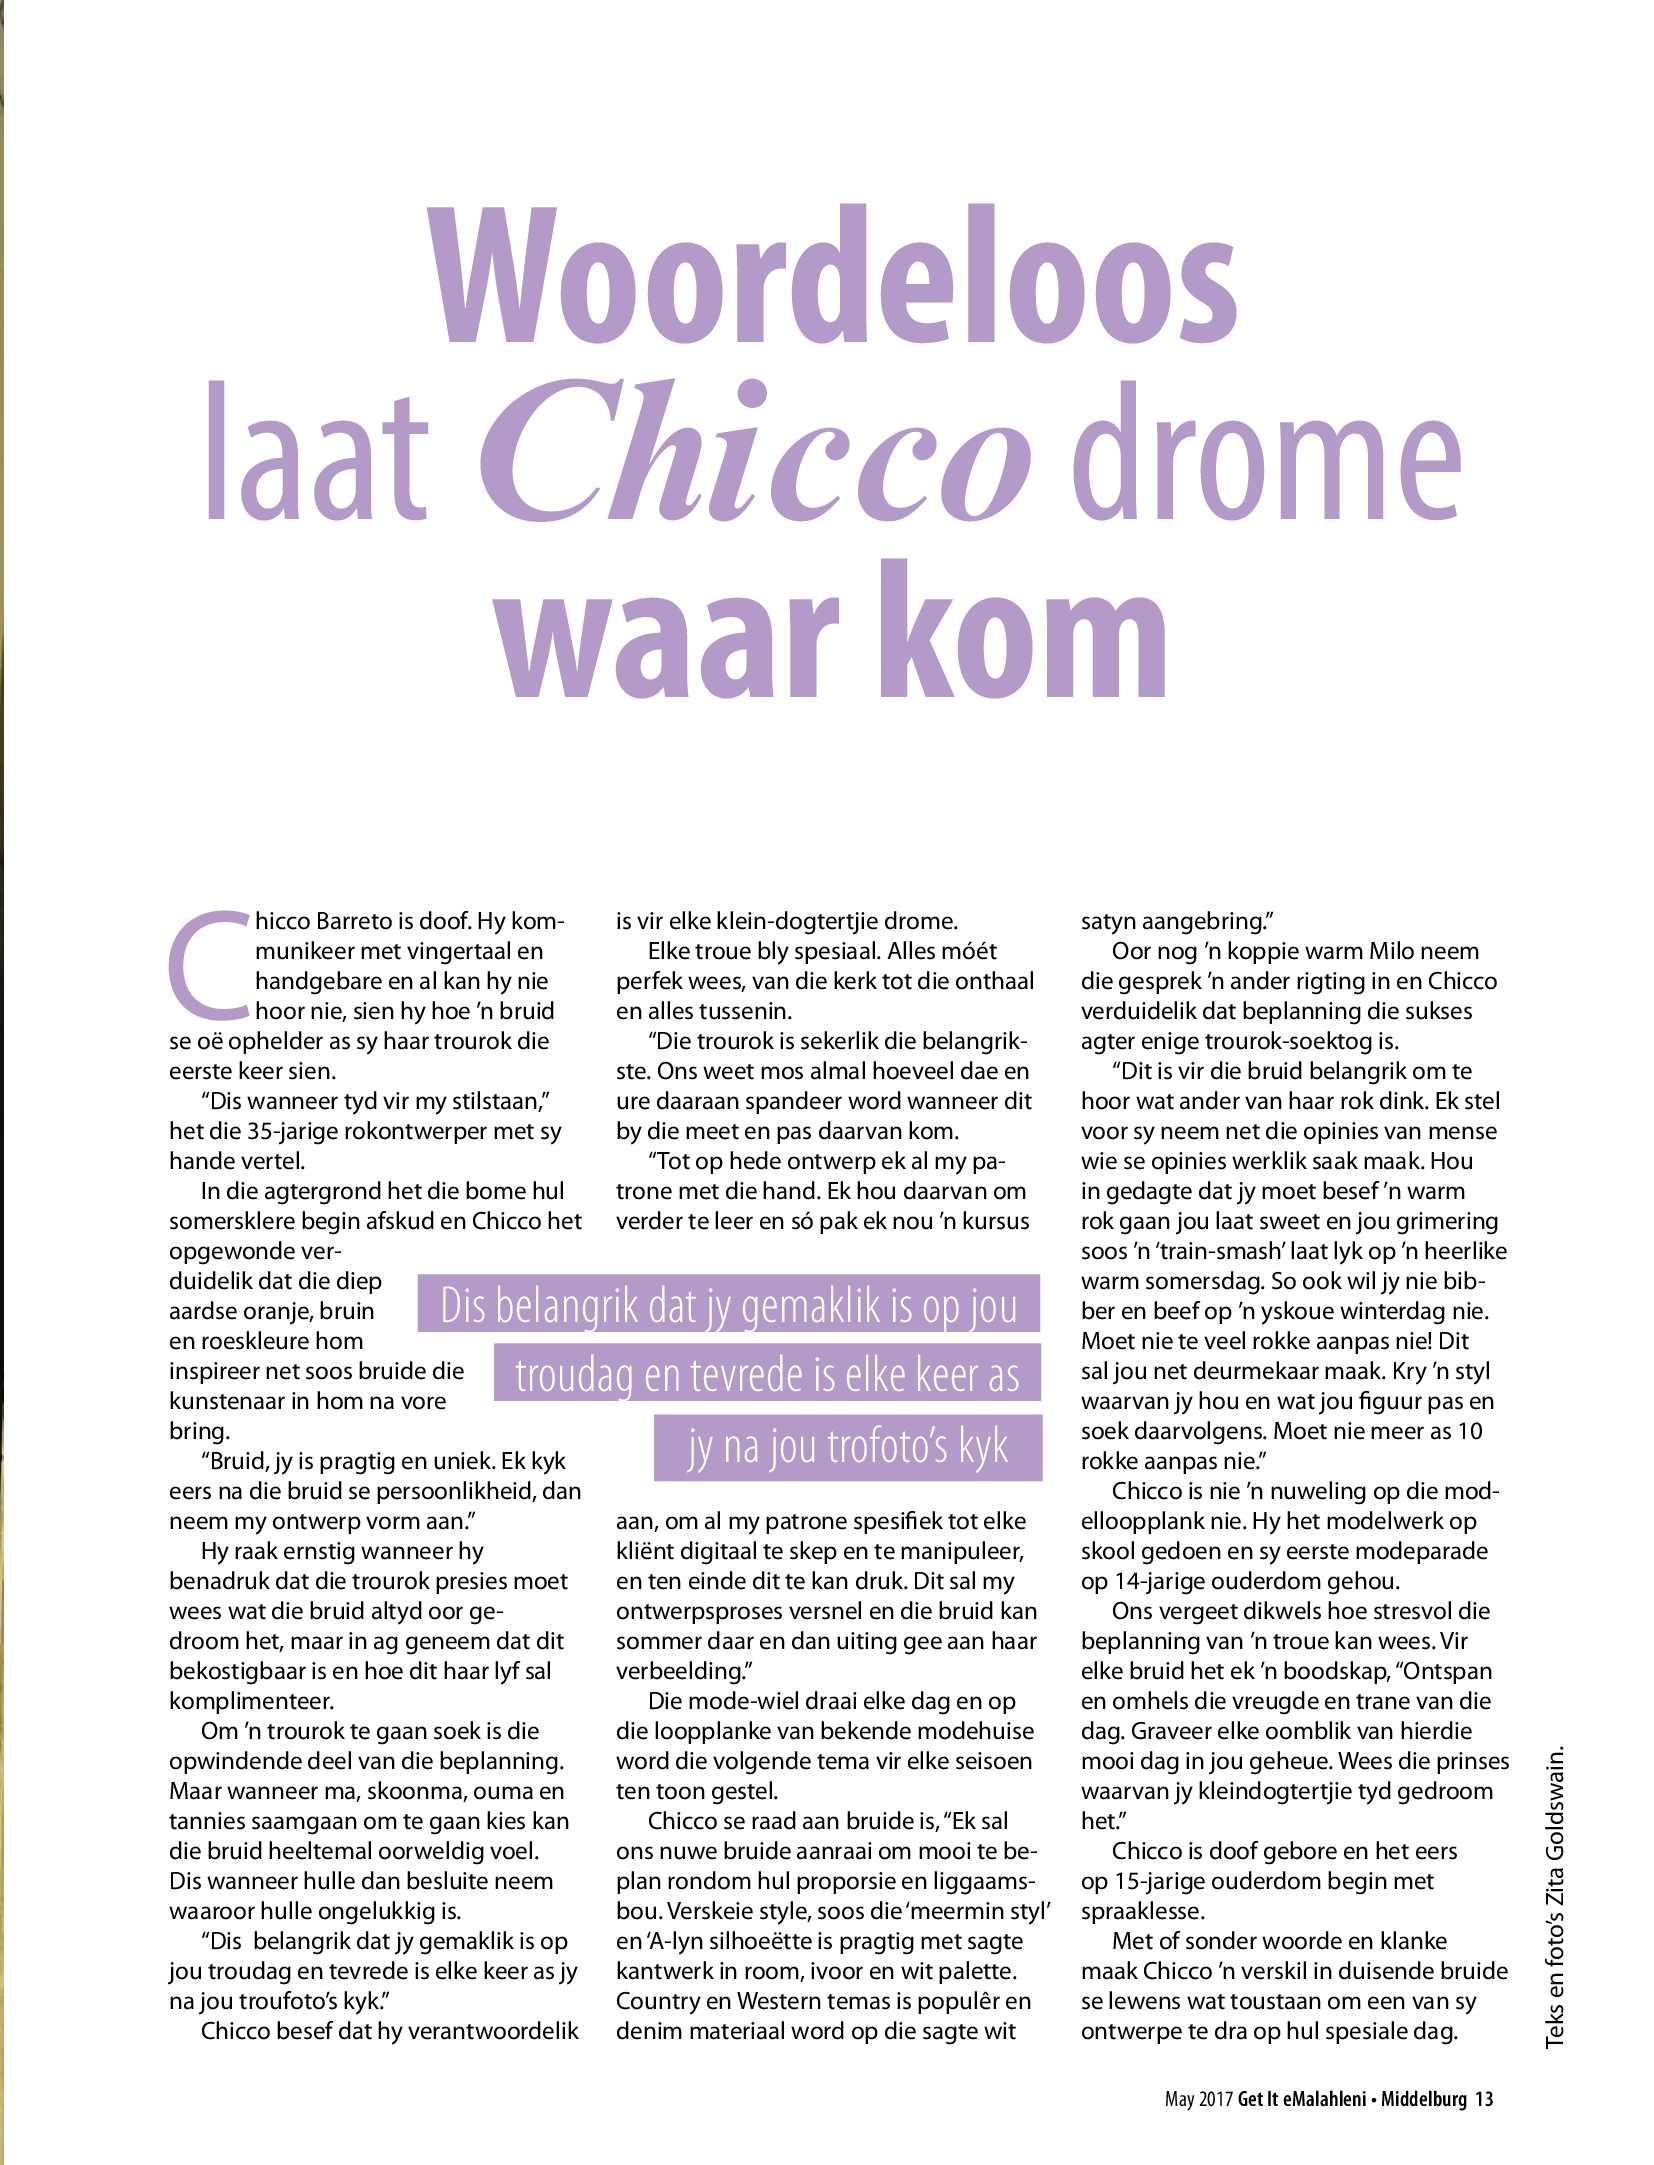 get-middelburg-may-2017-epapers-page-15